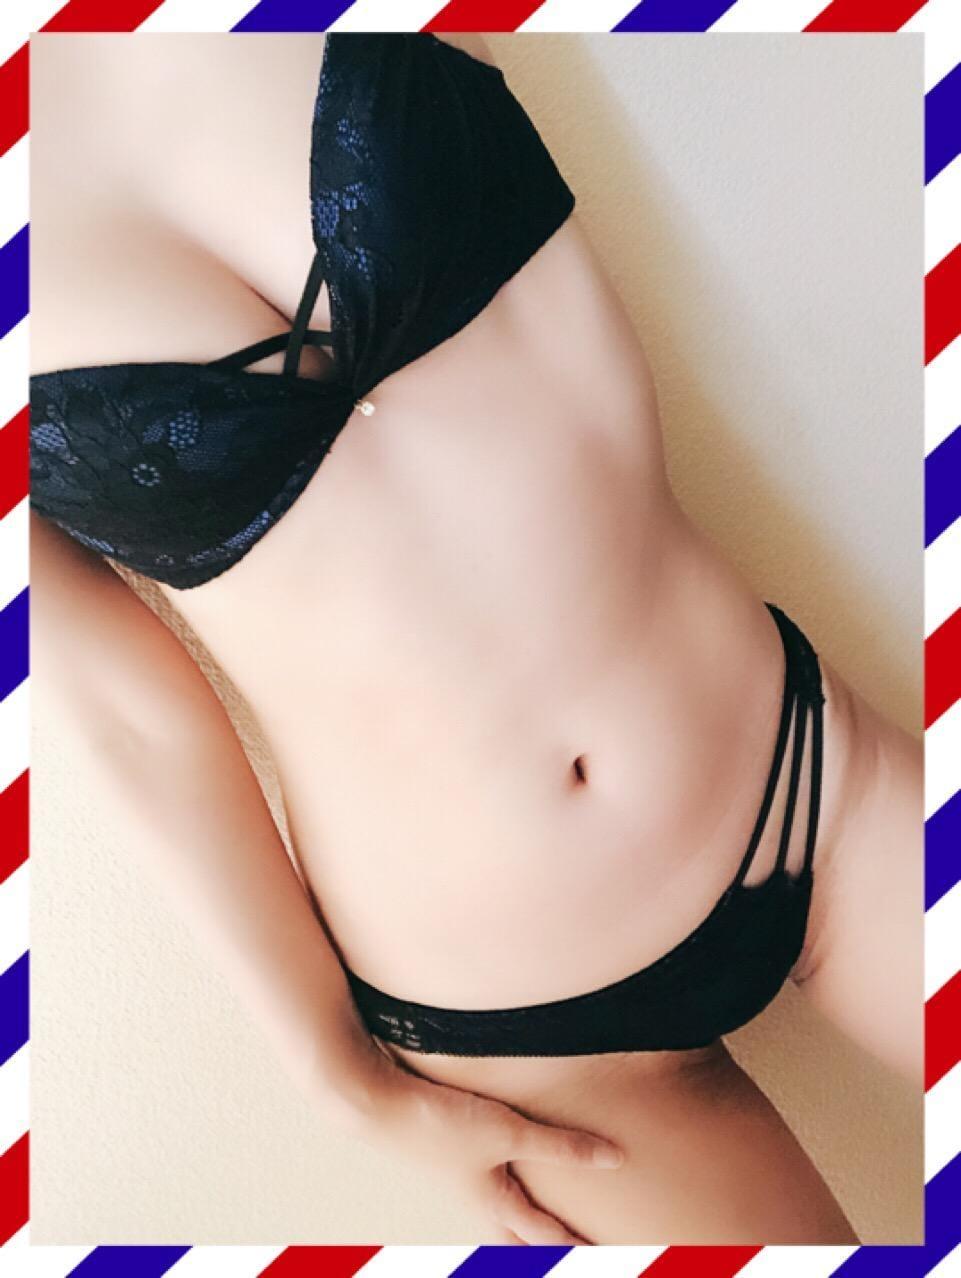 みな「おはよう(=゚ω゚)ノ」07/09(月) 17:39 | みなの写メ・風俗動画